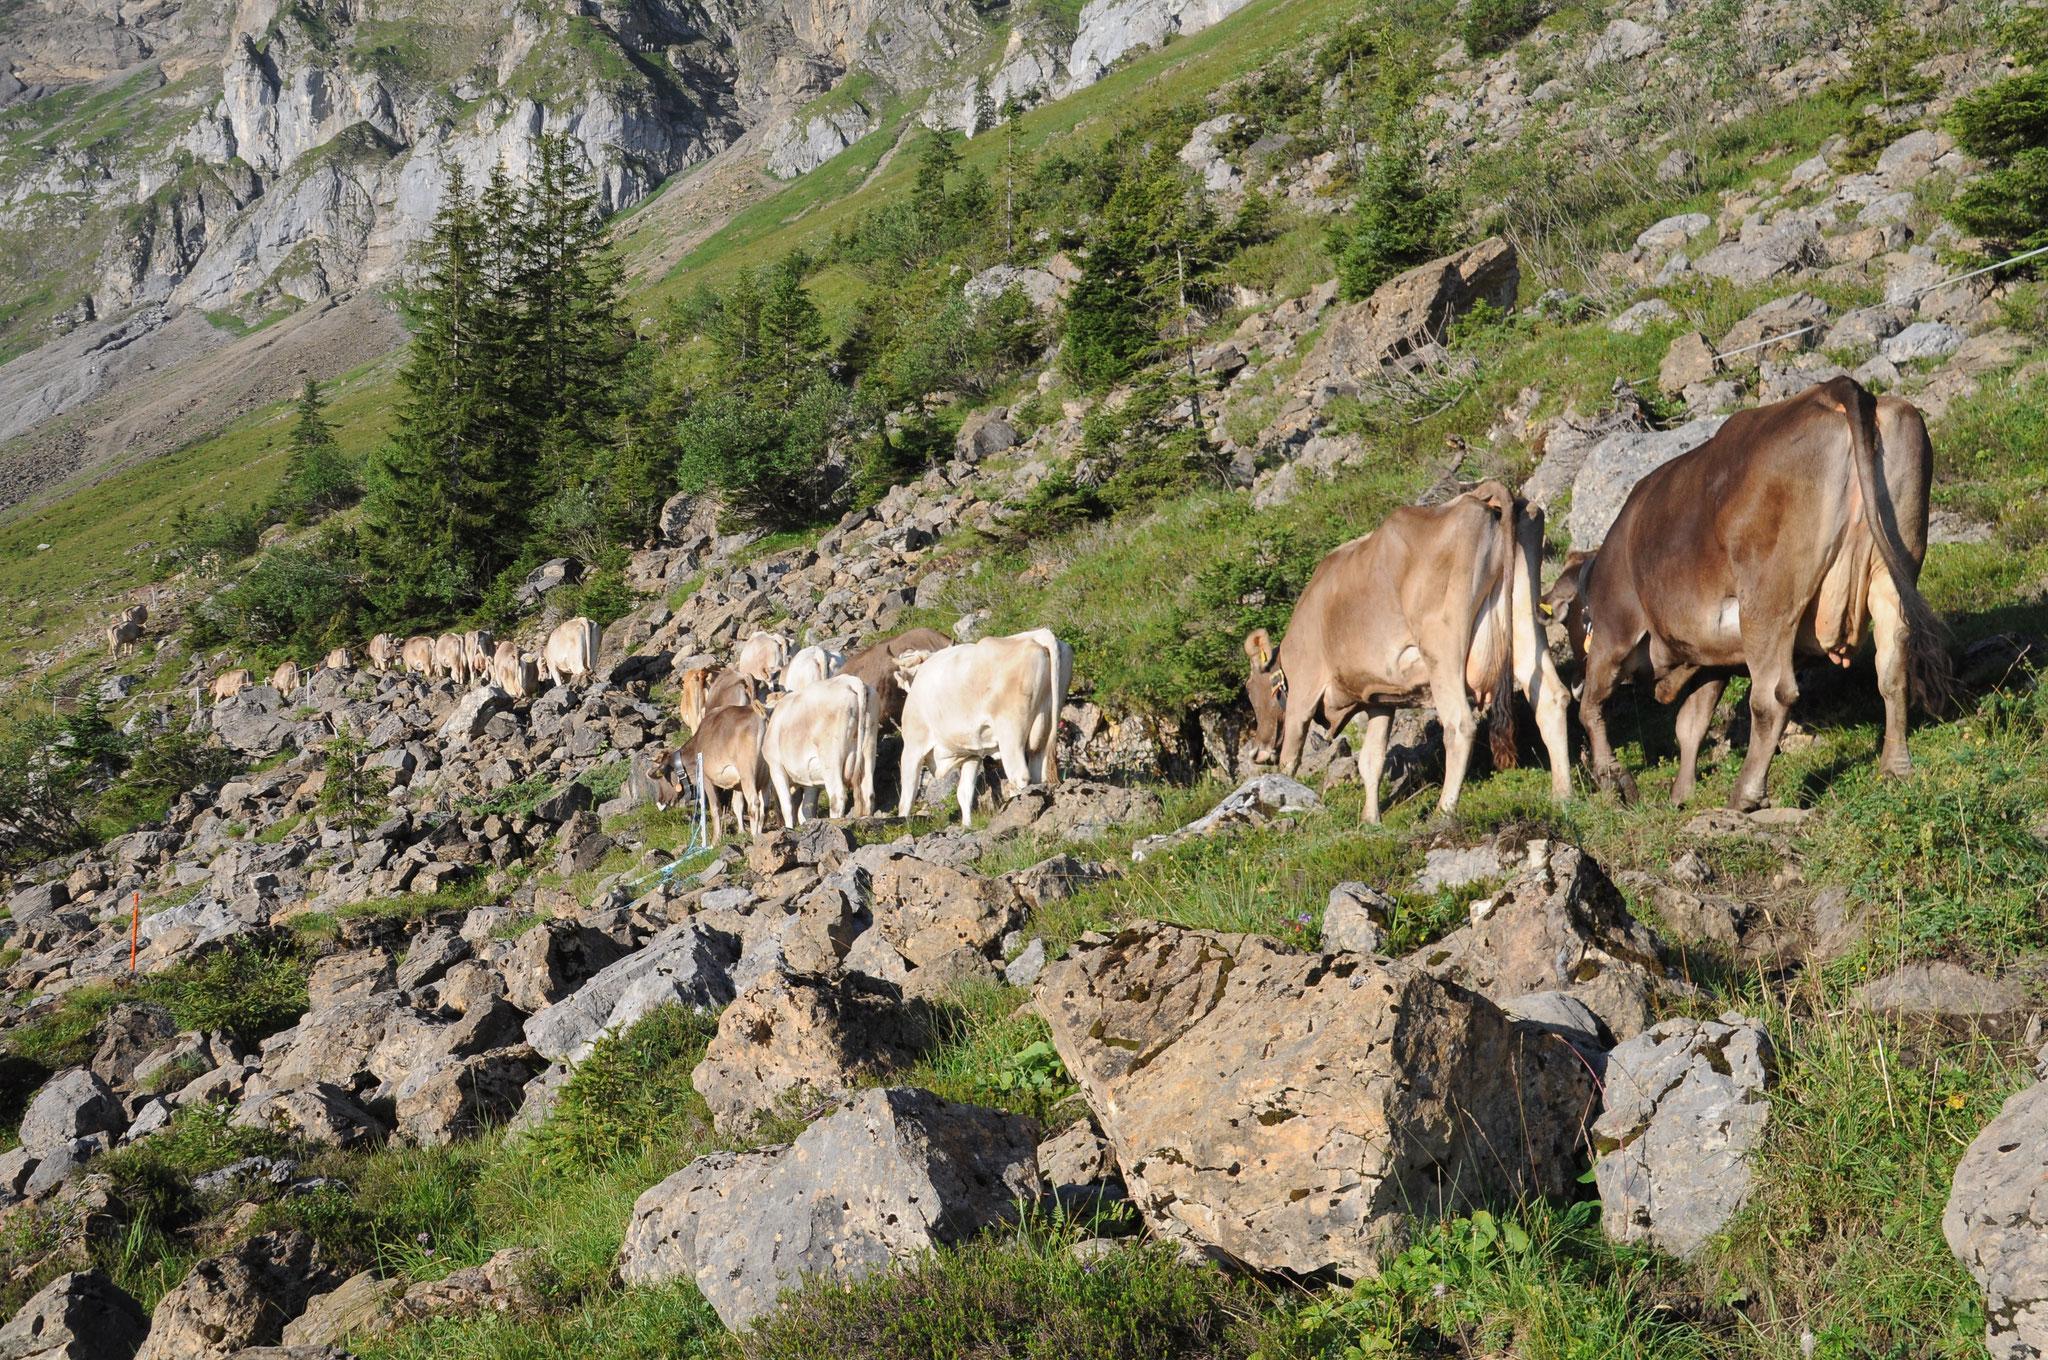 Die Kühe auf dem Weg vom Melkstand zur Weide.